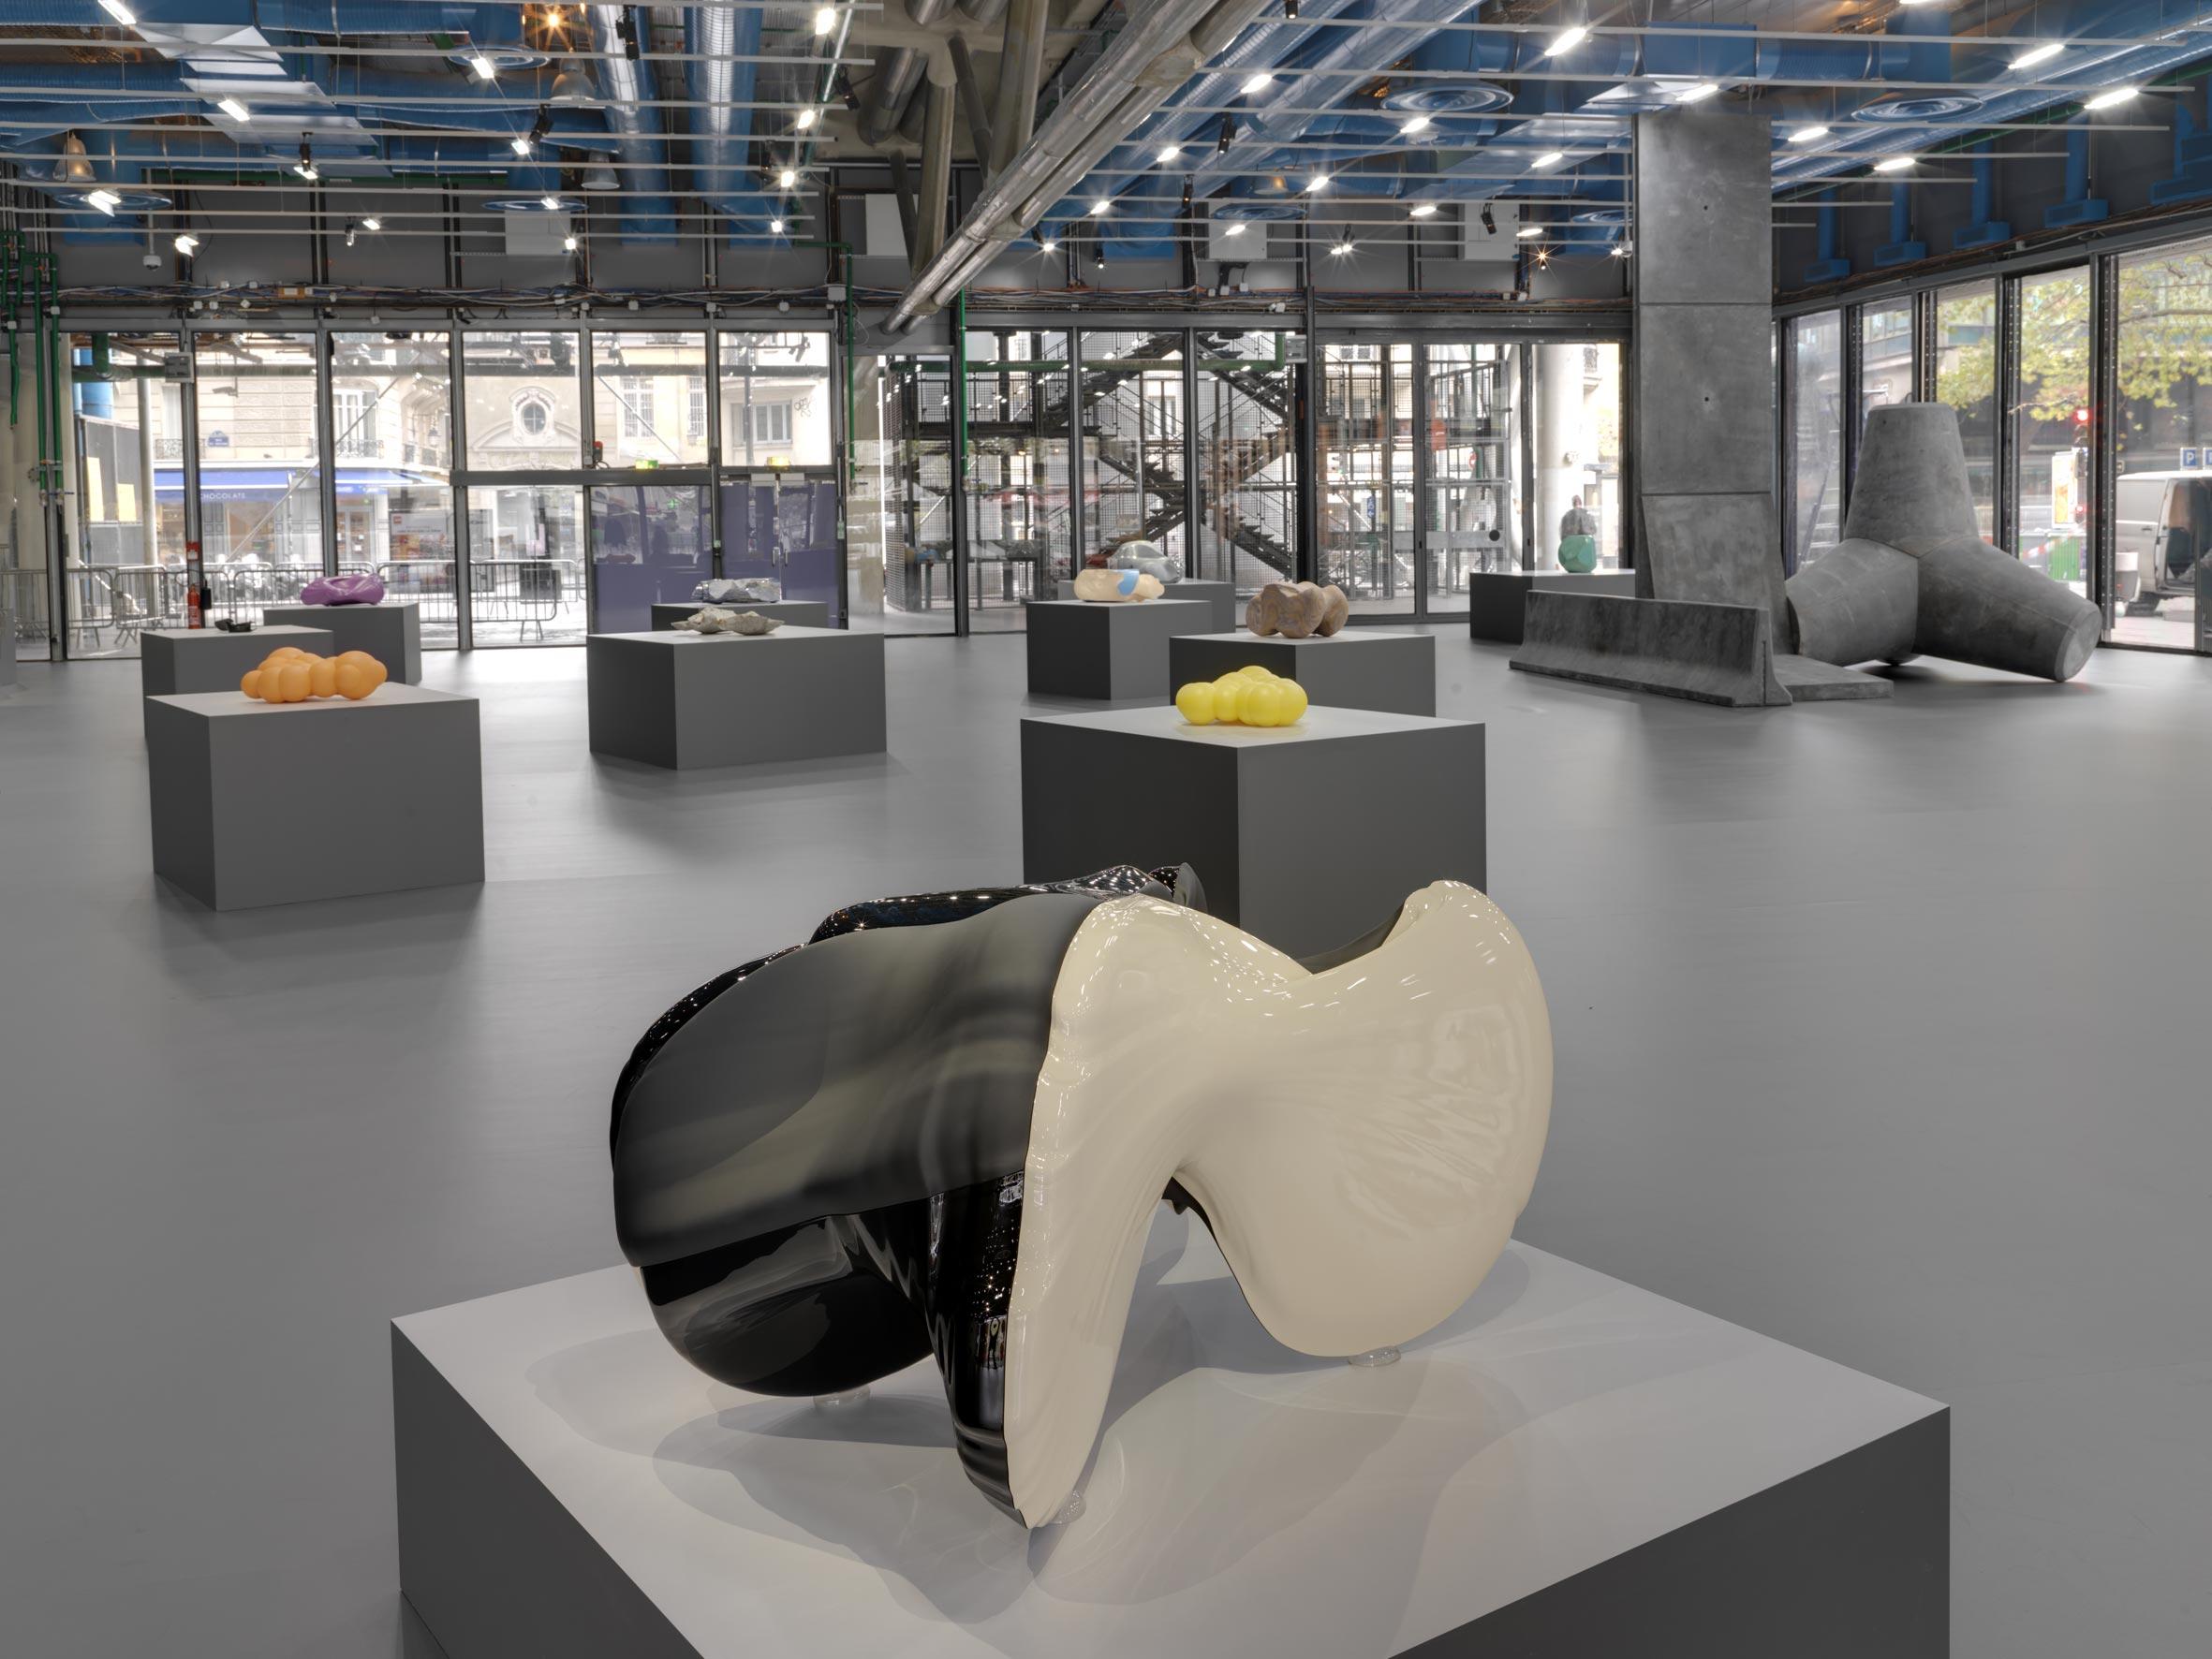 Vue de l'exposition de Jean-Luc Moulène au Centre Pompidou.